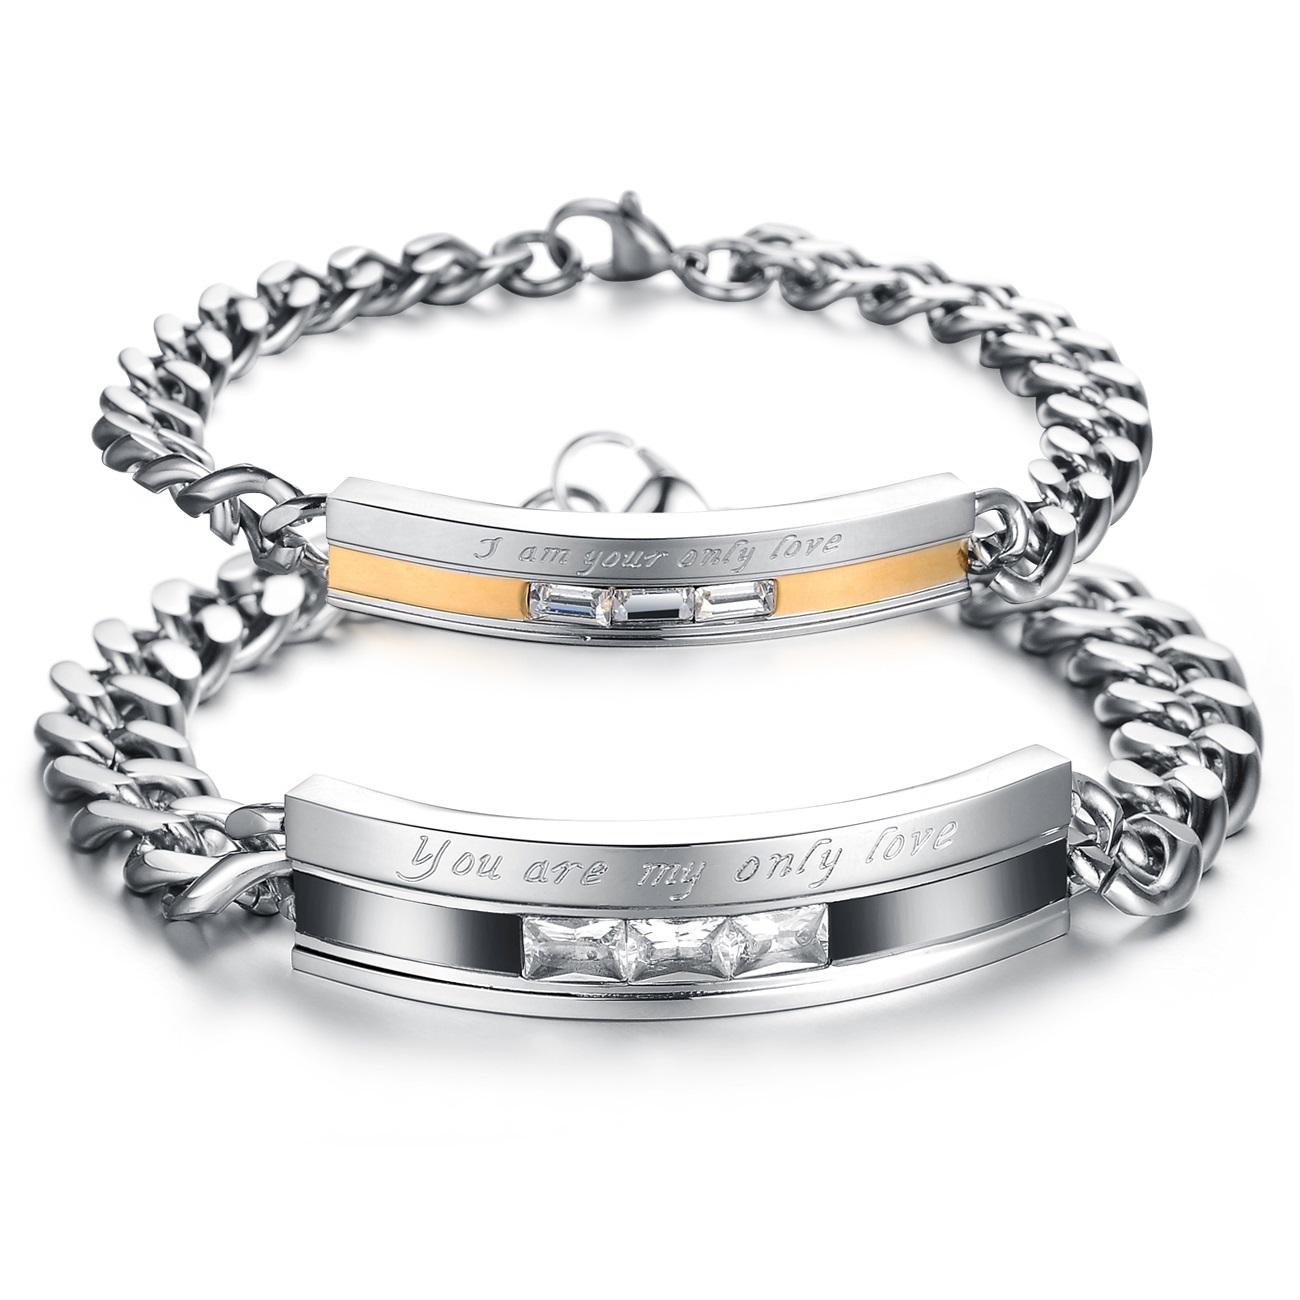 Мужские браслеты в подарок - Женские штучки 99